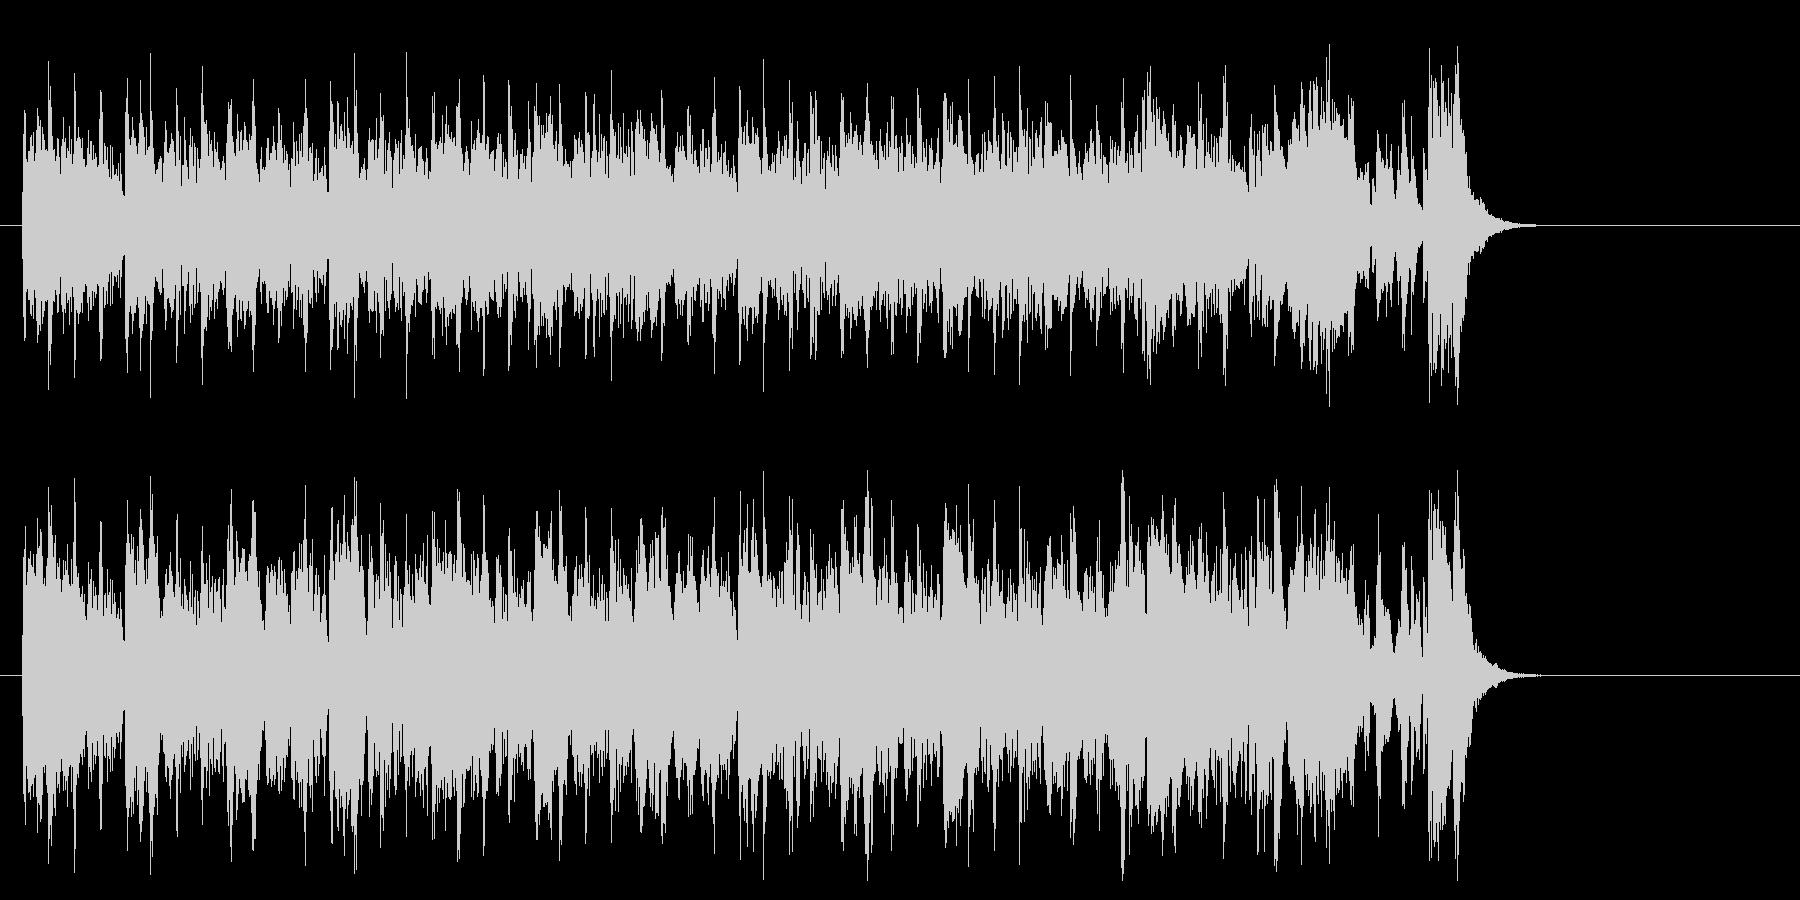 エレクトリックポップス(エンディング)の未再生の波形